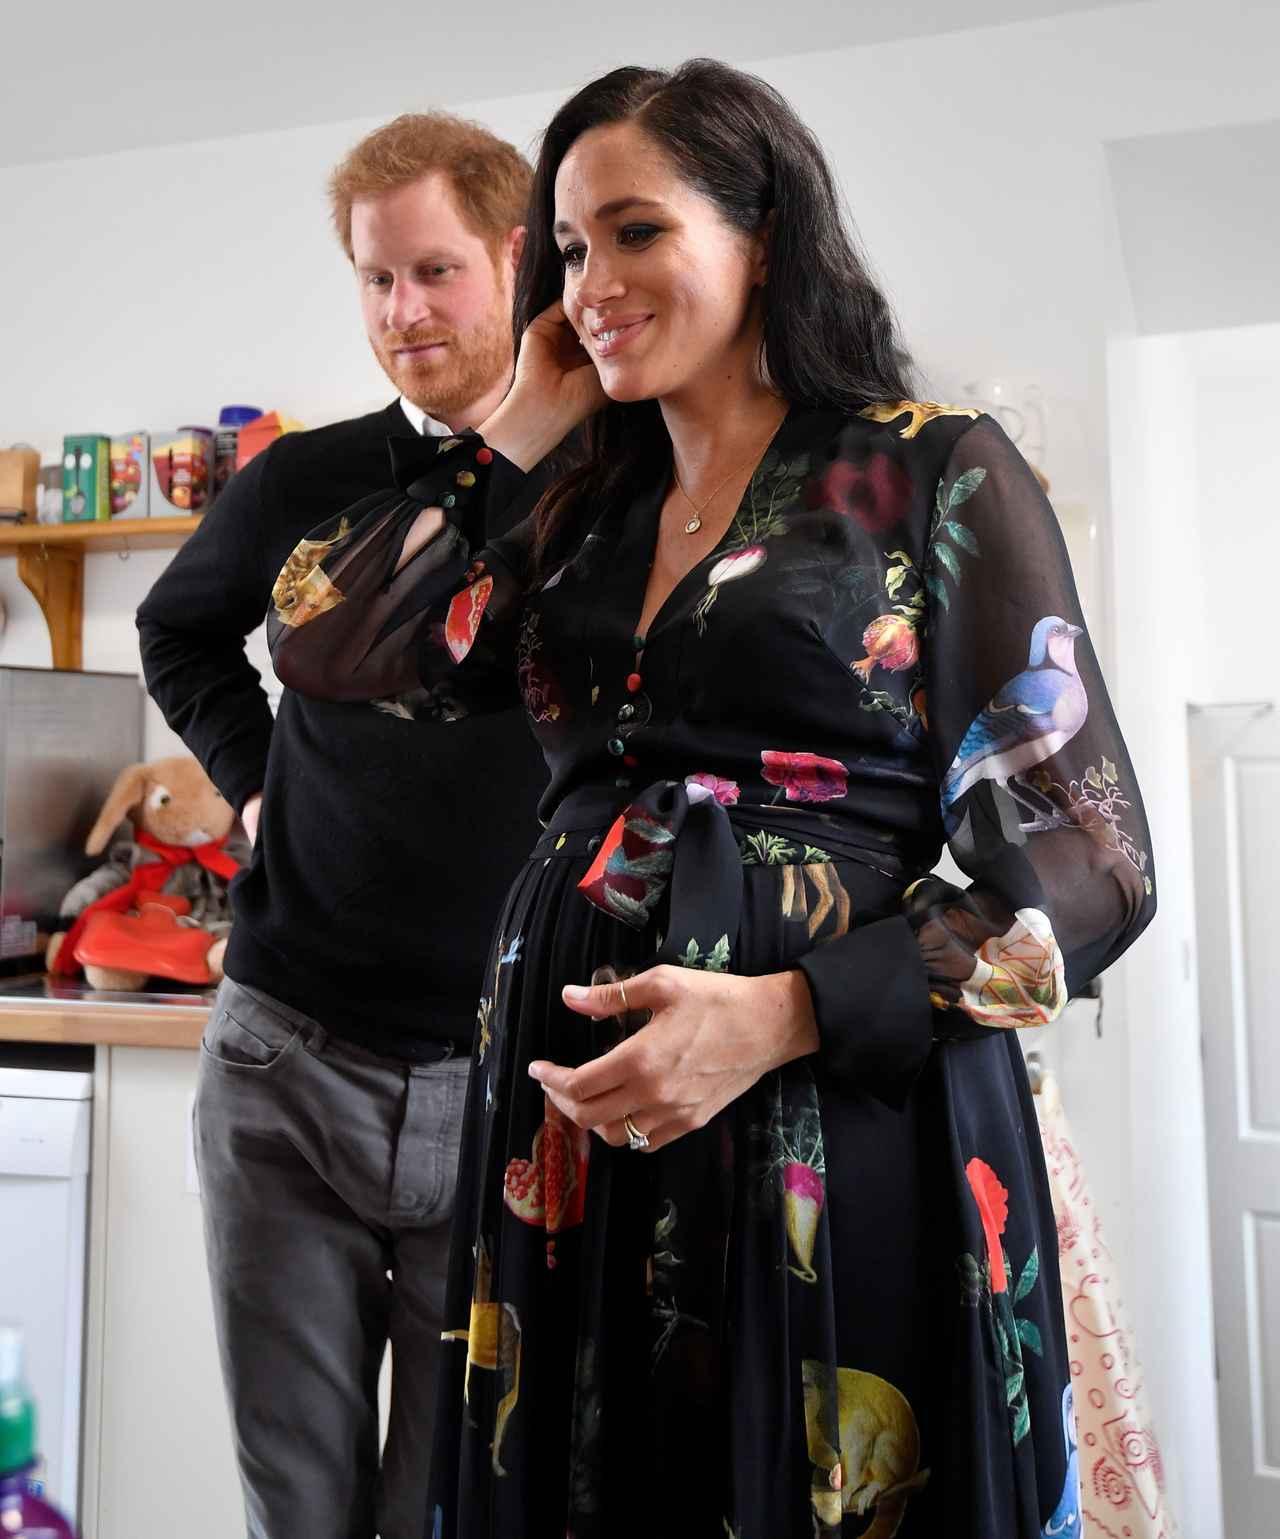 画像1: イギリス王室のメーガン妃、「あの」アメリカの伝統イベントのために故郷に極秘帰国!